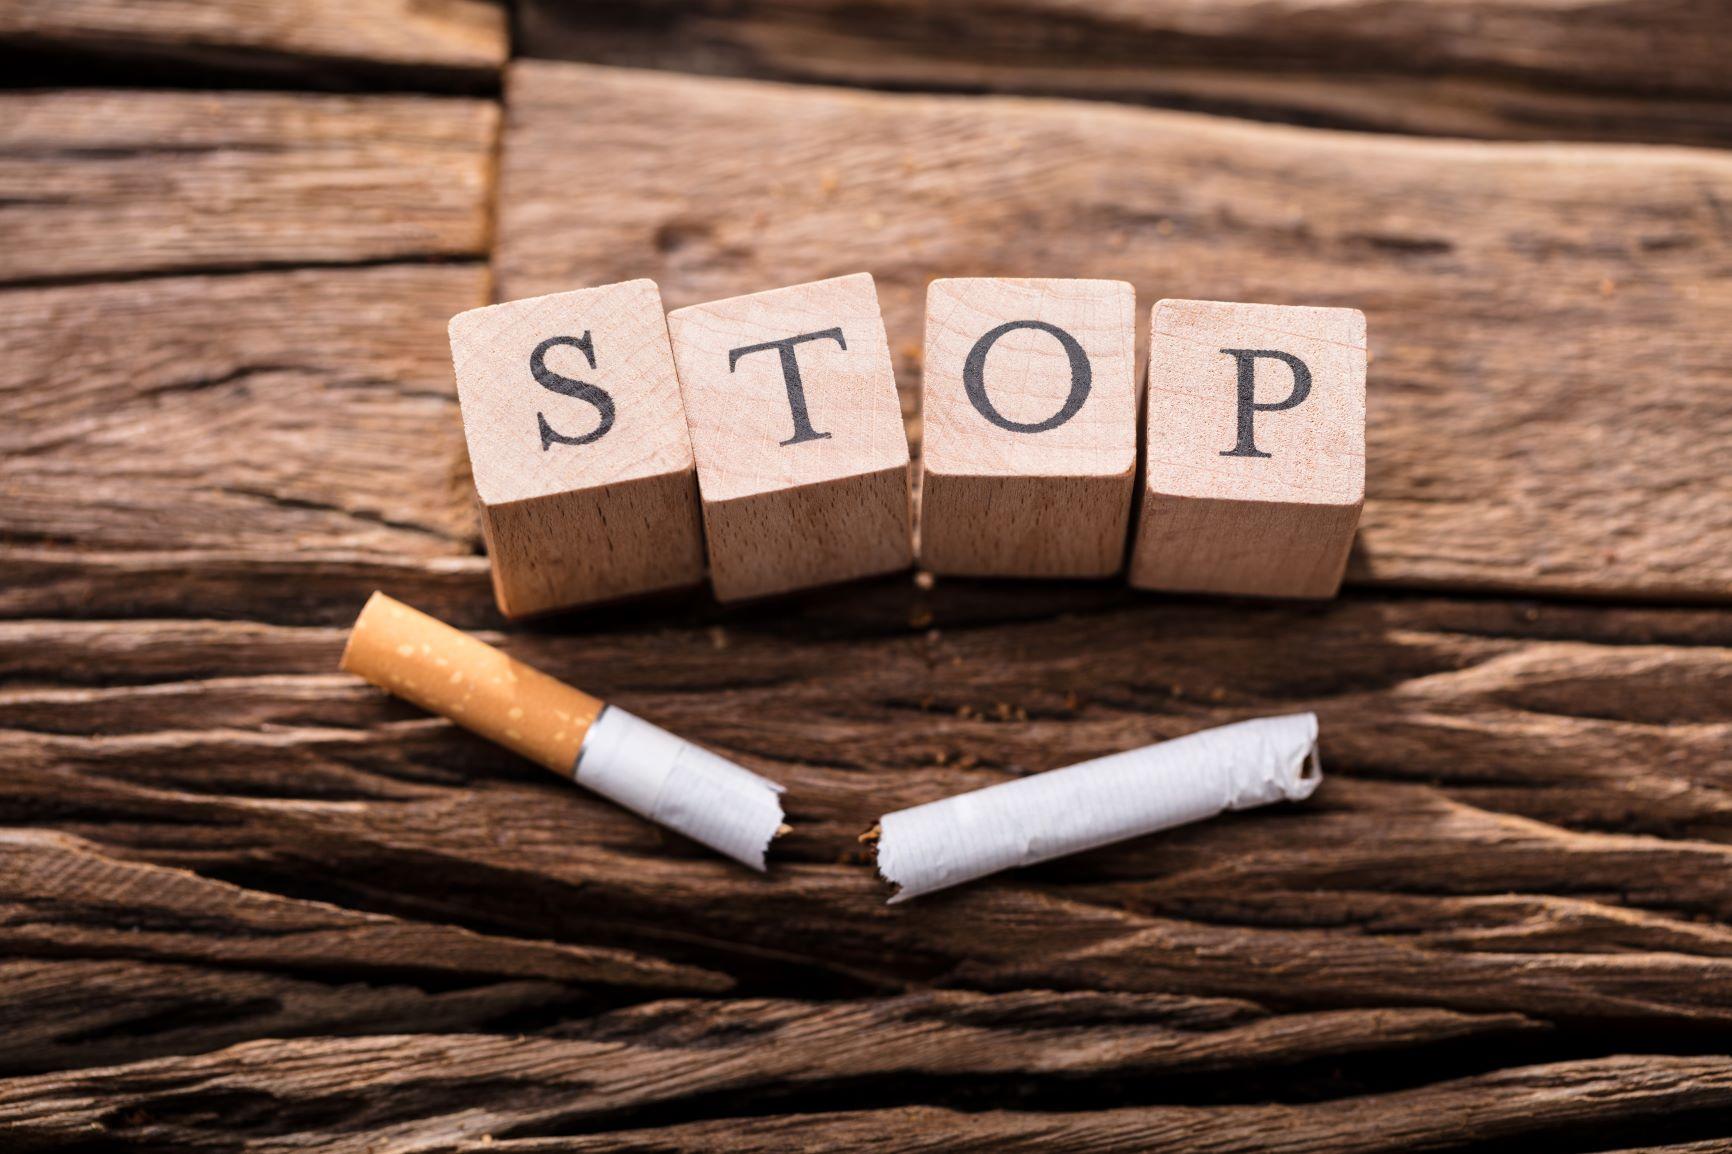 ย้ำการสูบบุหรี่ไม่ใช่การป้องกันโควิด-19 thaihealth